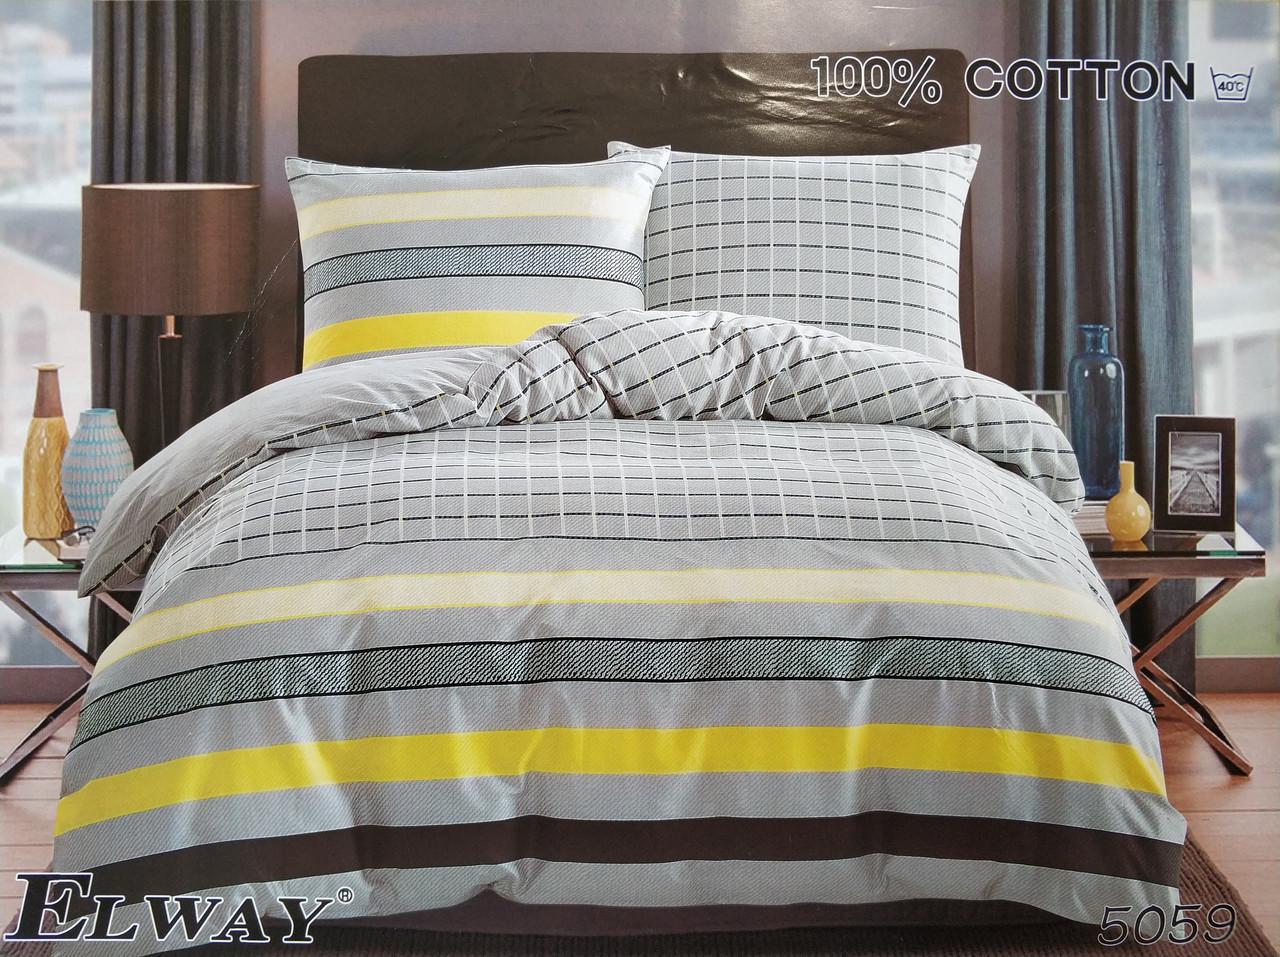 Сатиновое постельное белье полуторное ELWAY 5059 «Полоска и клетка»